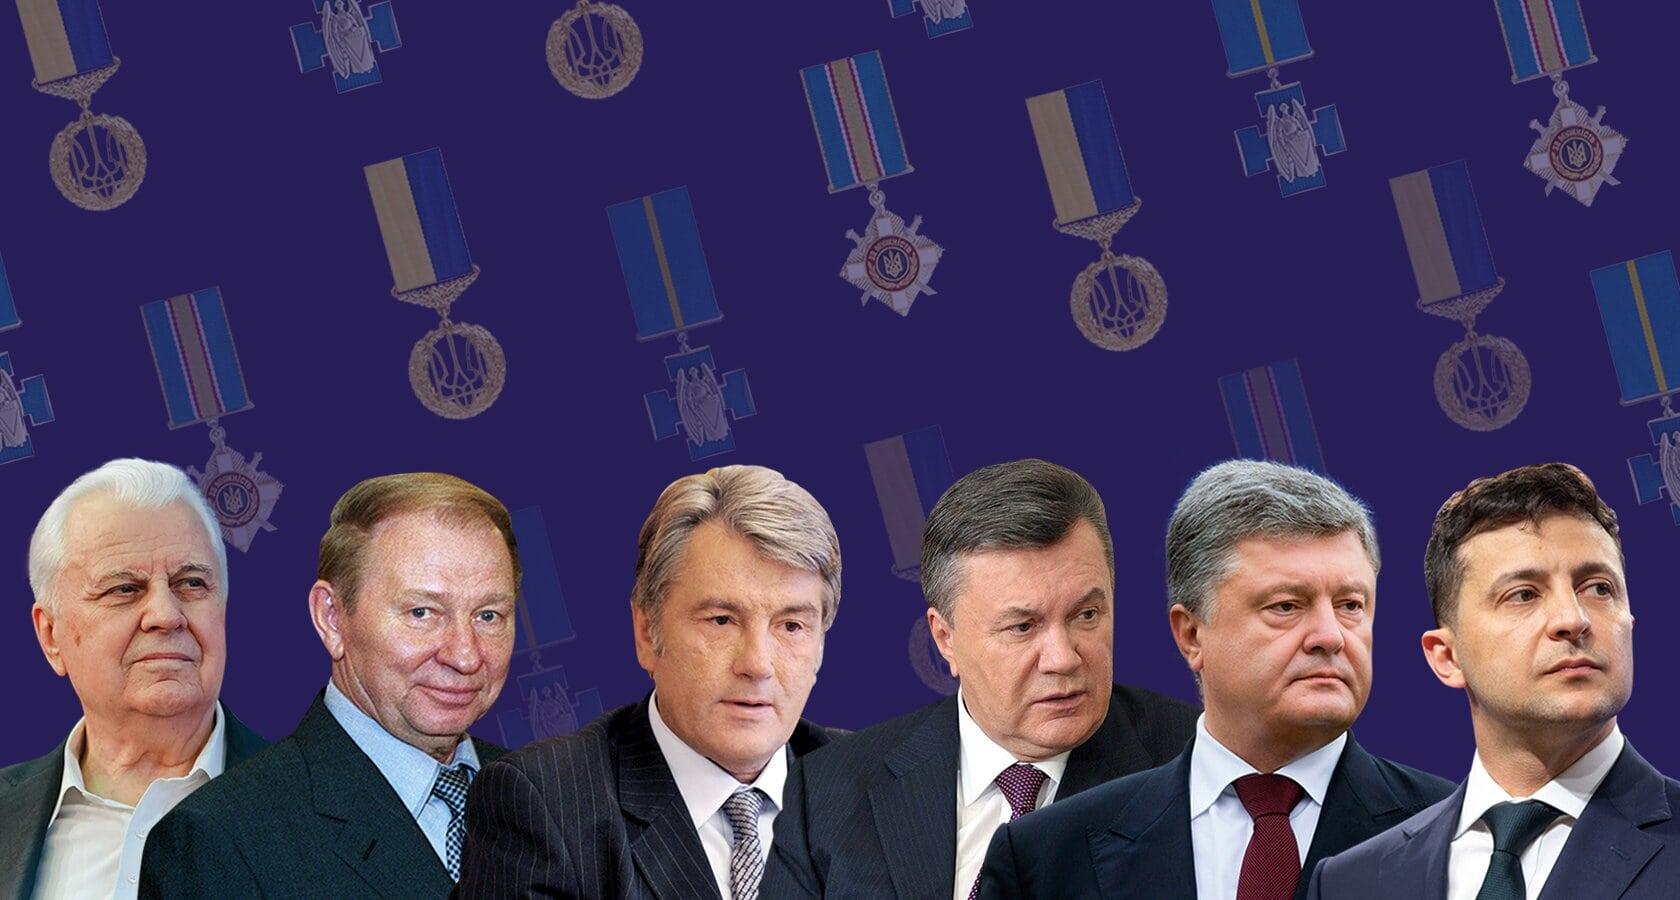 Пистолет для Путина, Герой Украины в ОПЗЖ. Кого и за что награждают украинские президенты - Фото